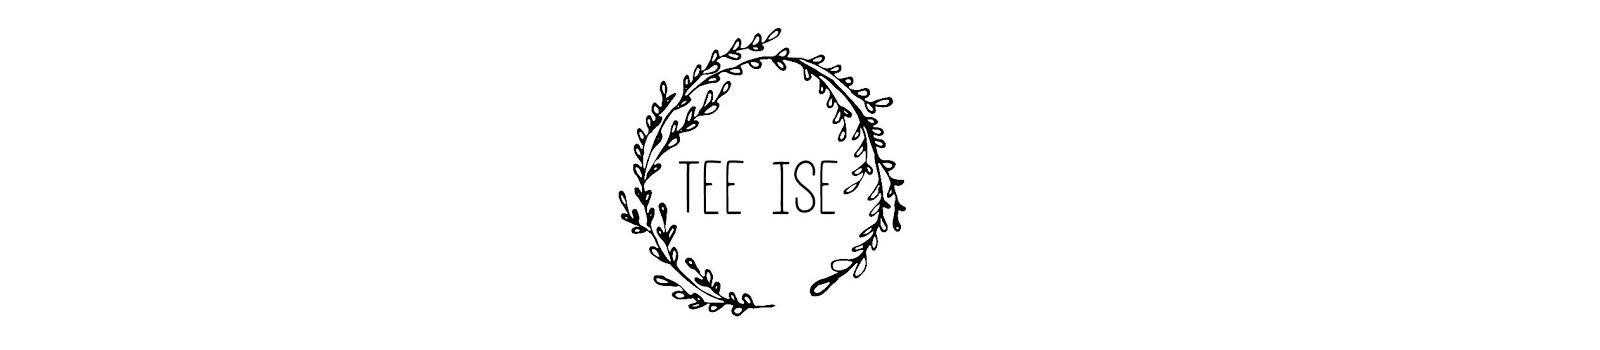 www.teeise.com